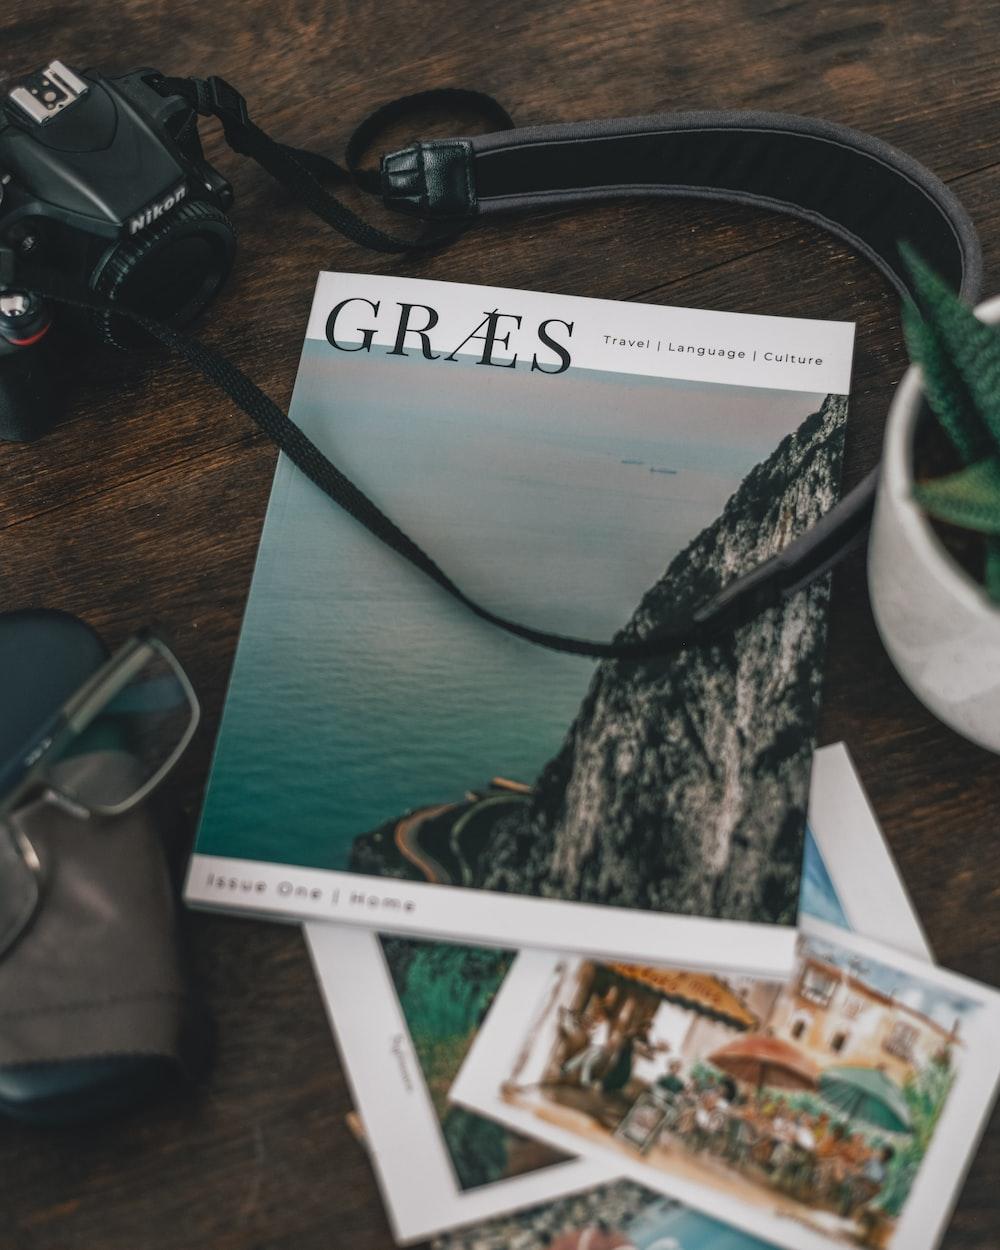 Graes book